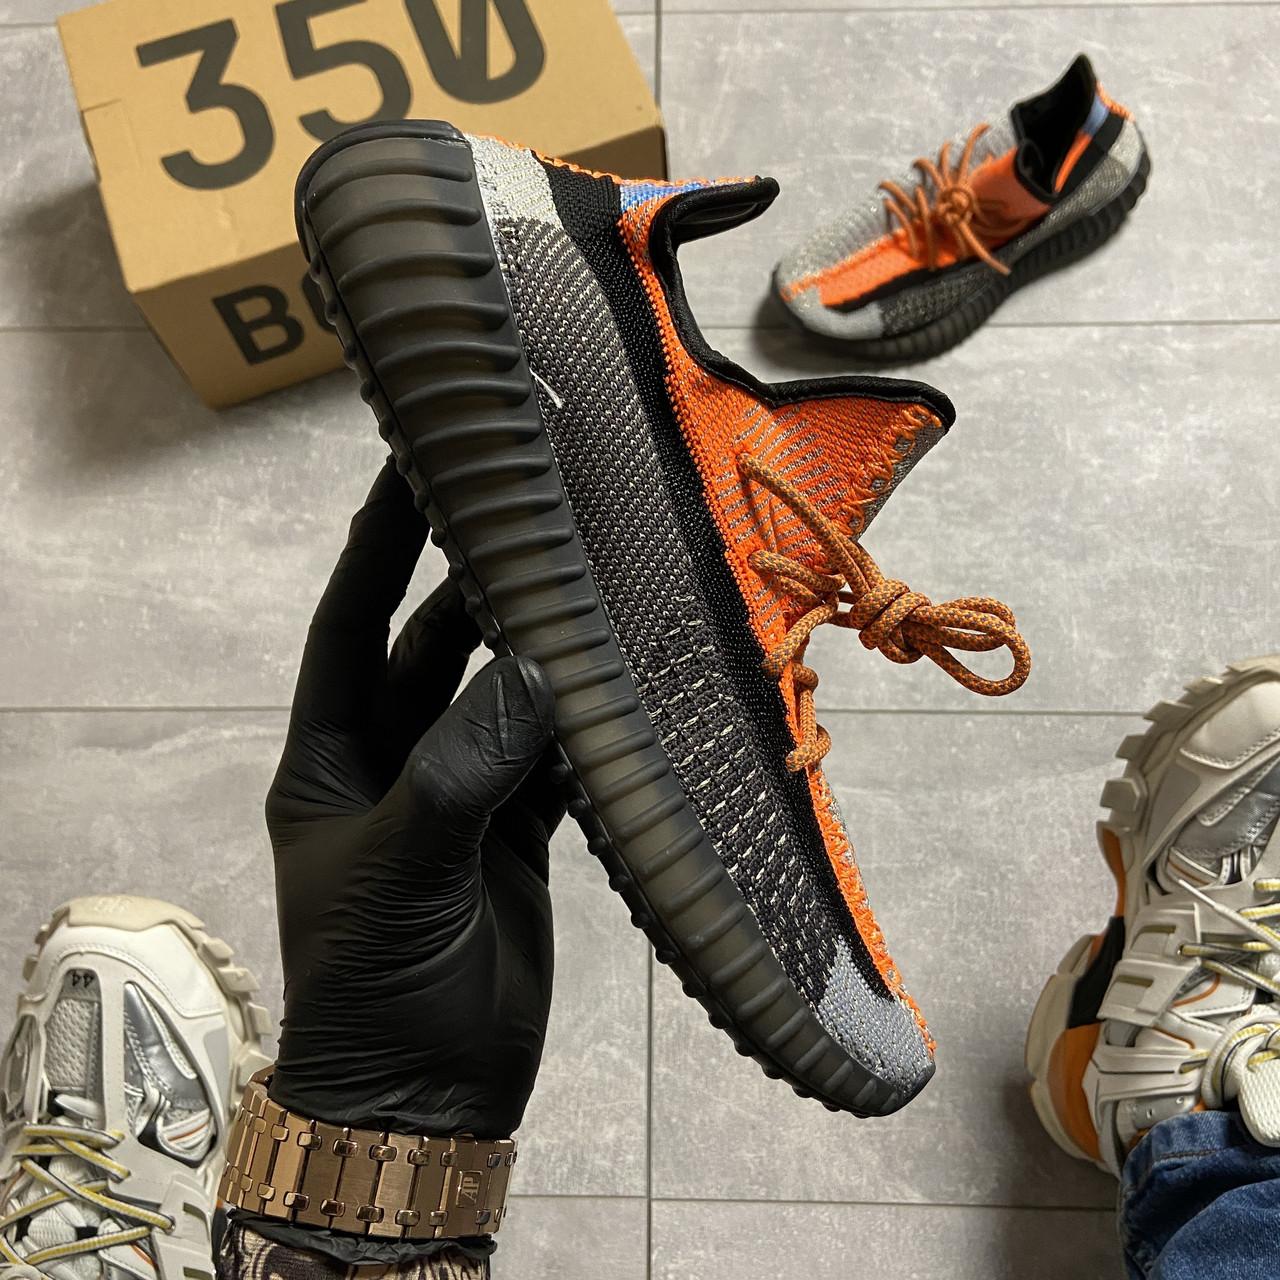 Мужские кроссовки Adidas Yeezy Boost 350 V2 рефлективные, мужские кроссовки адидас изи буст 350 в2, Yeezy 350